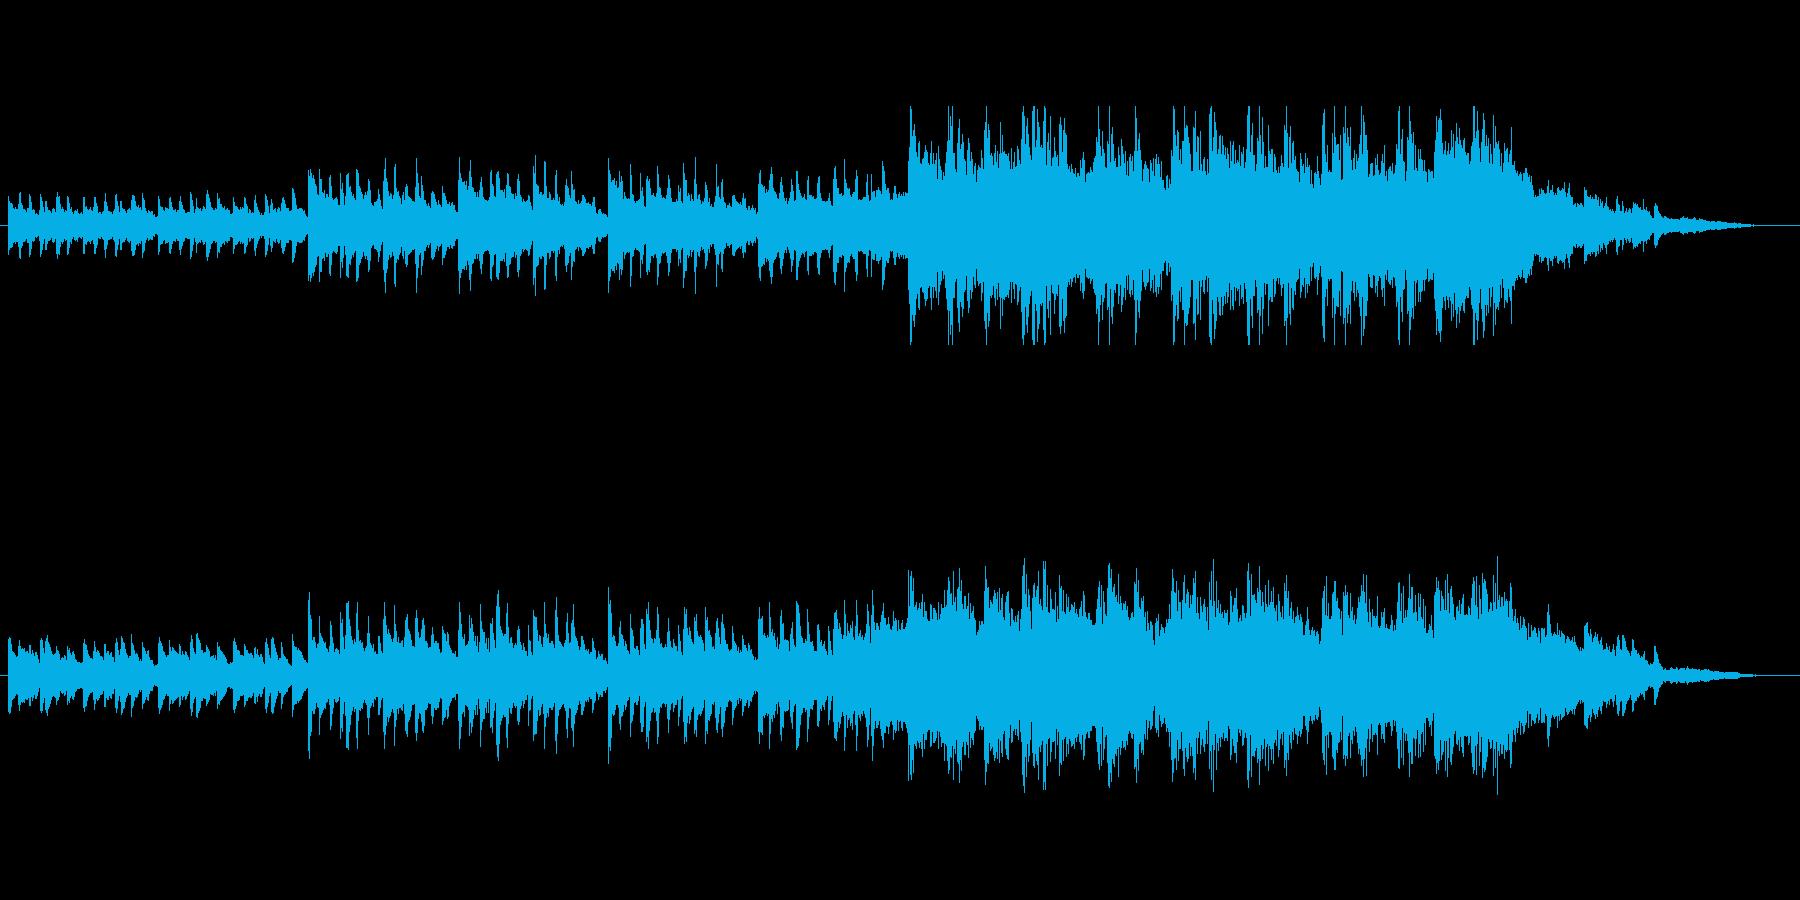 エモーショナルなピアノトラック(短縮版)の再生済みの波形